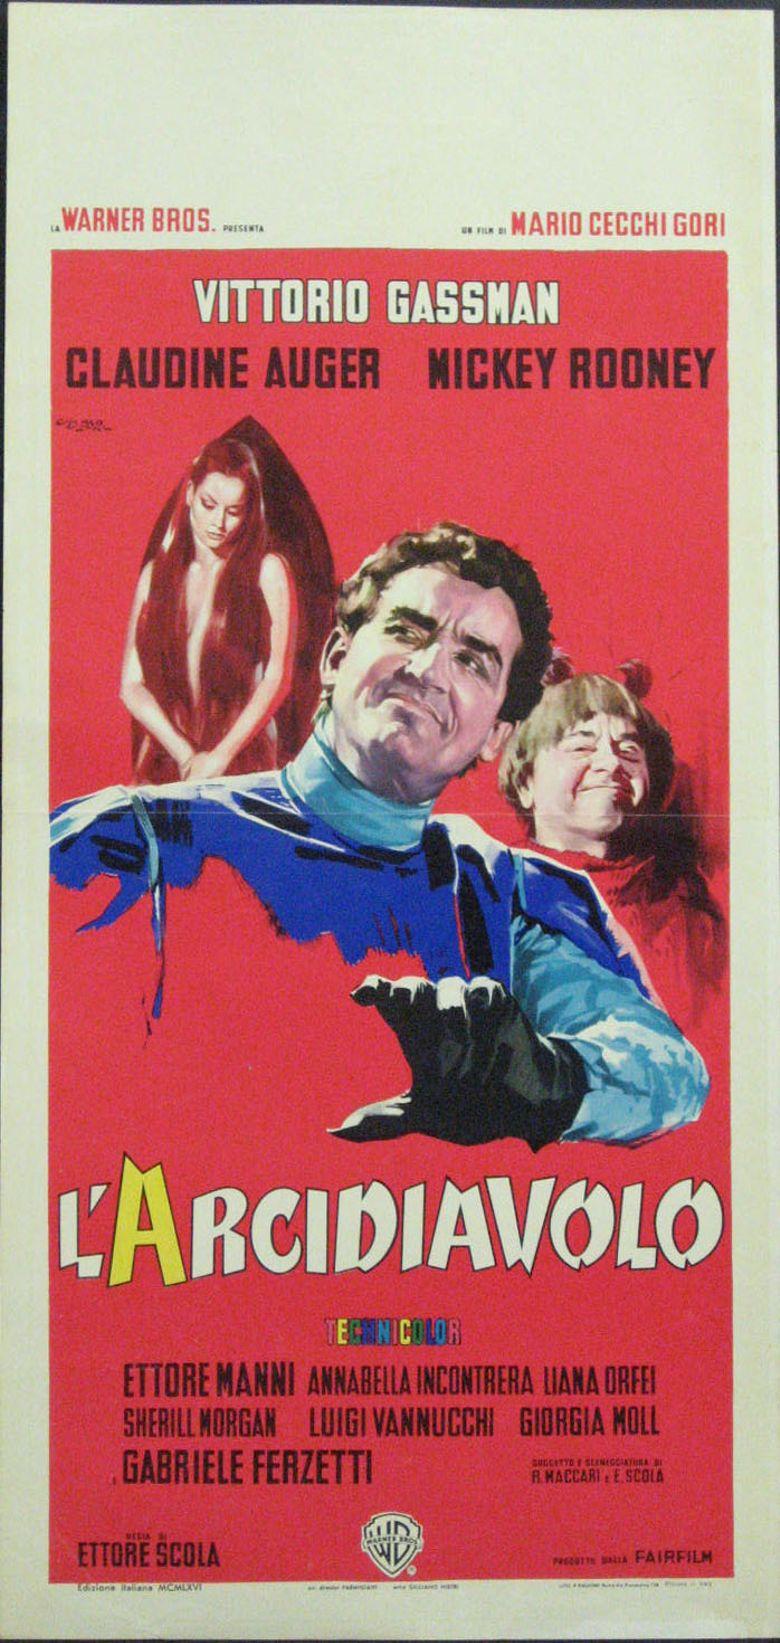 L'Arcidiavolo Poster